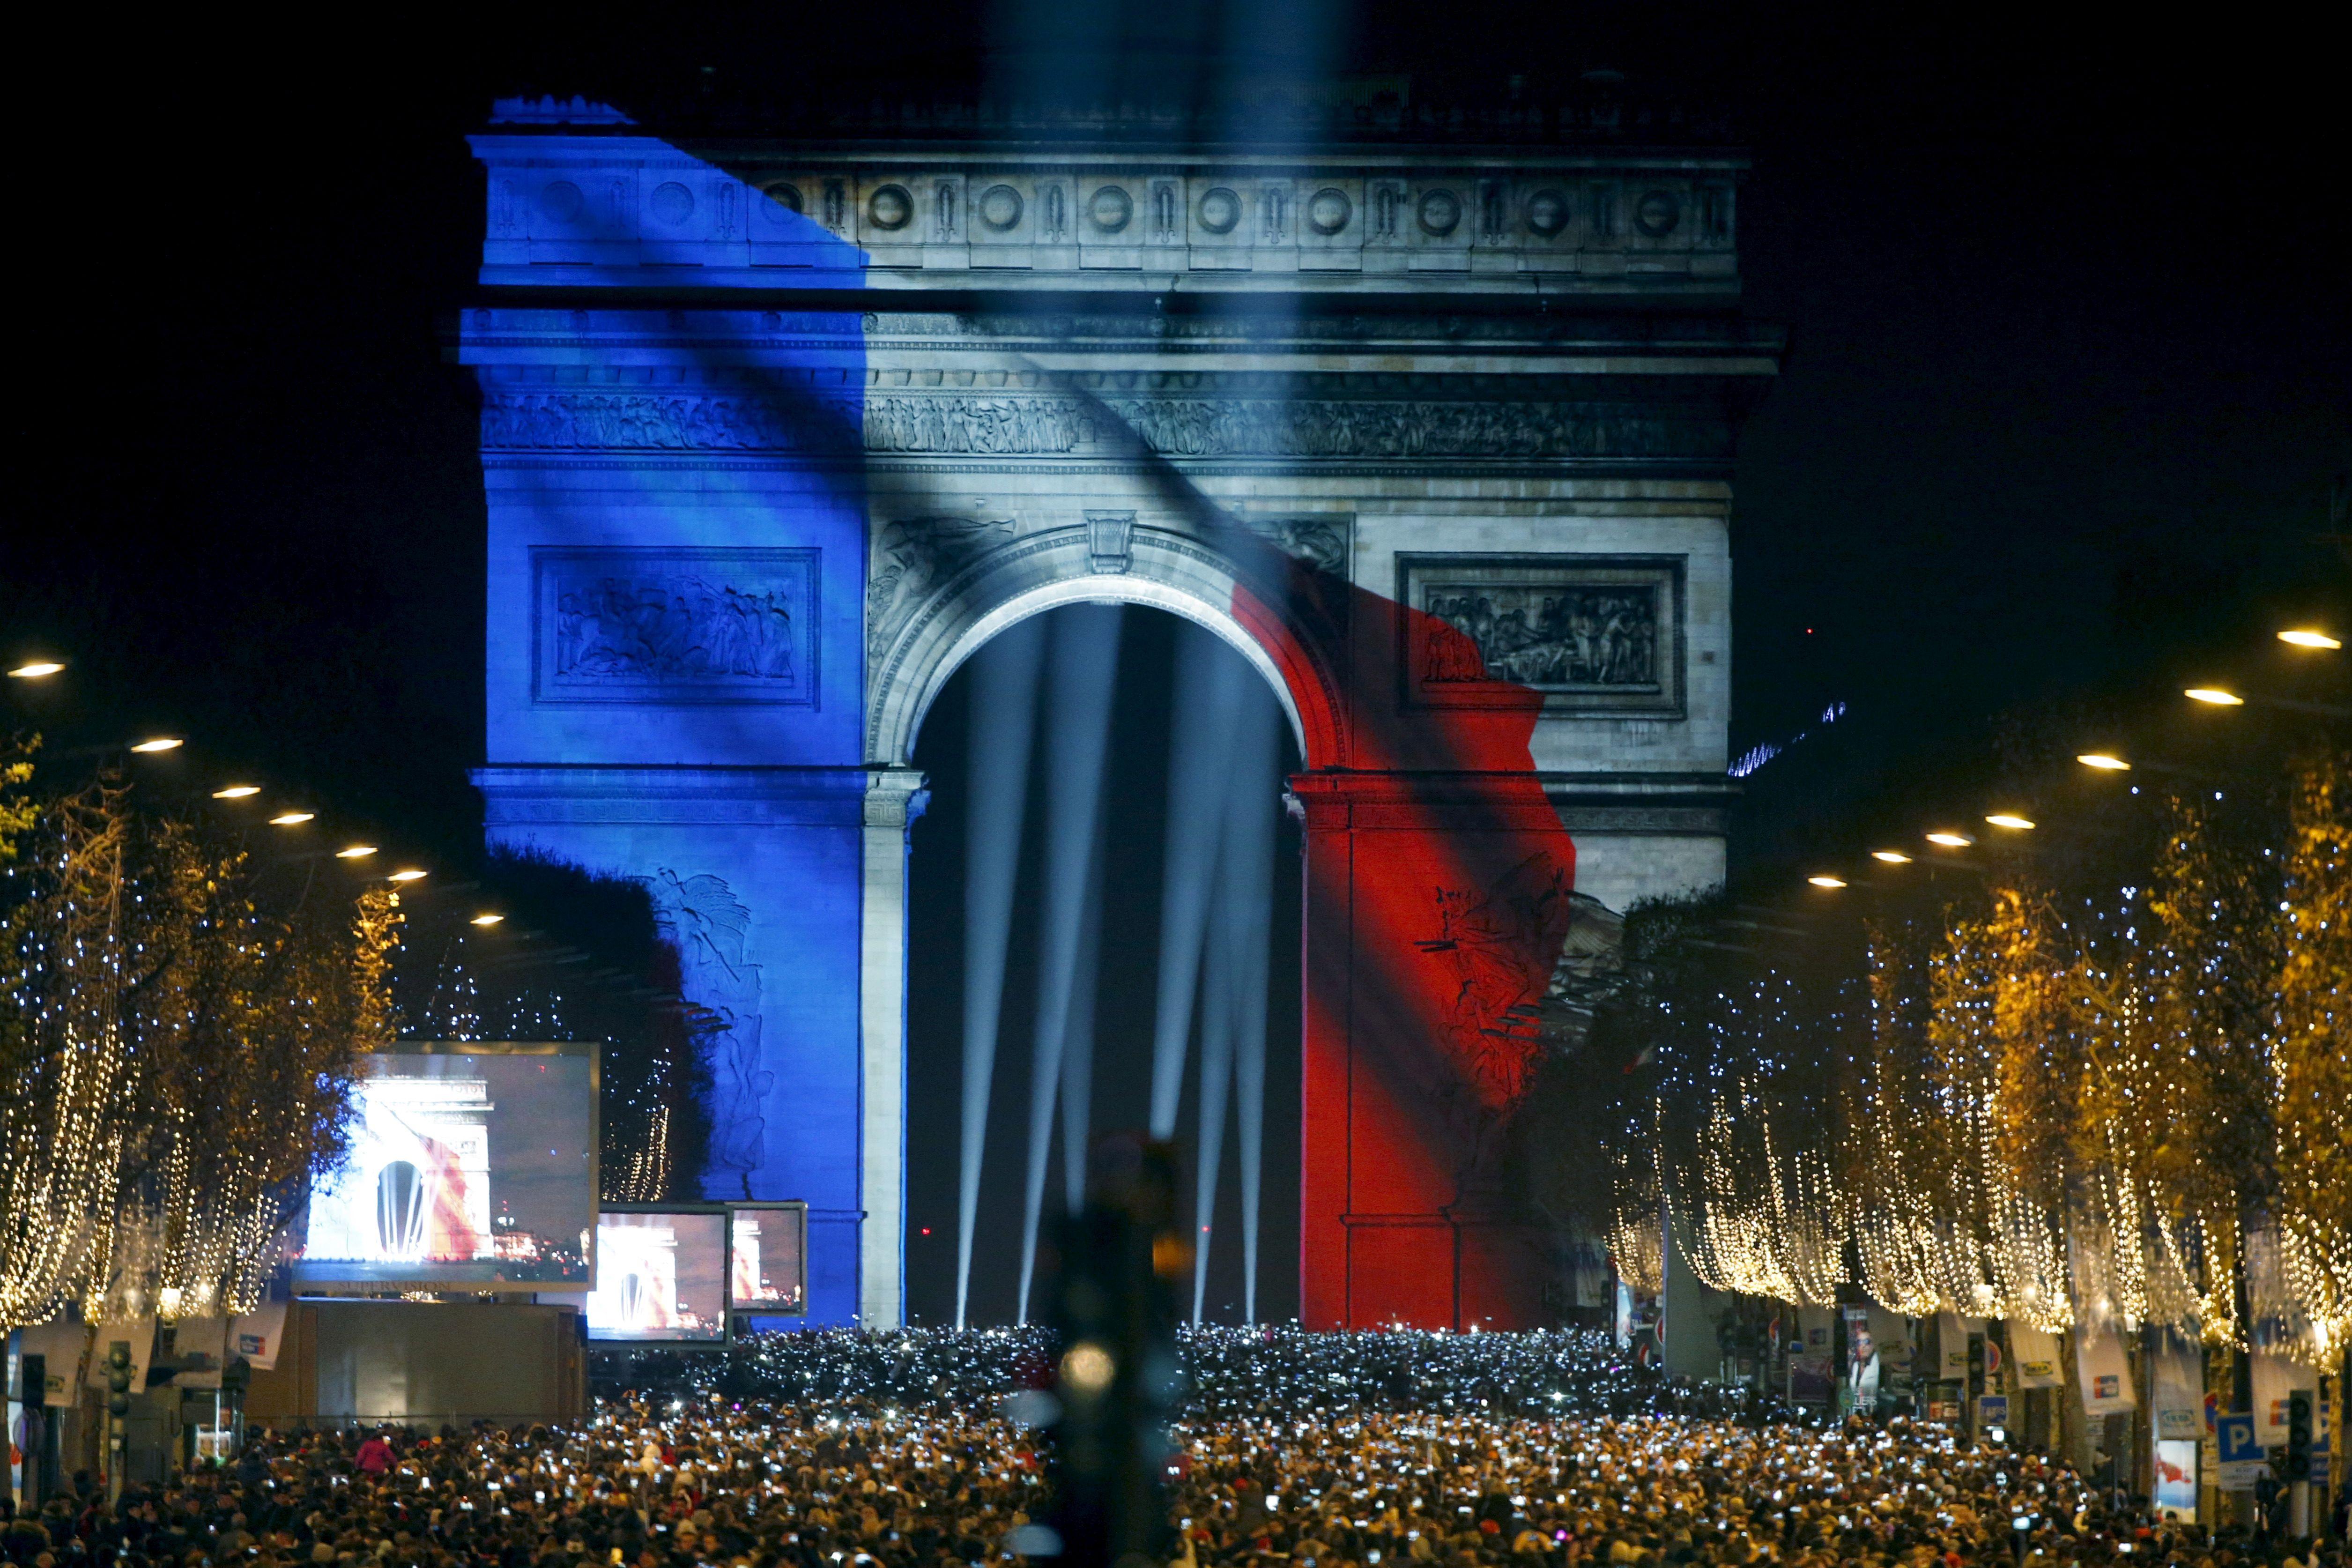 Religions, femmes et racismes : les ingrédients du cocktail identitaire régressif auquel la France est devenue addict en 2017